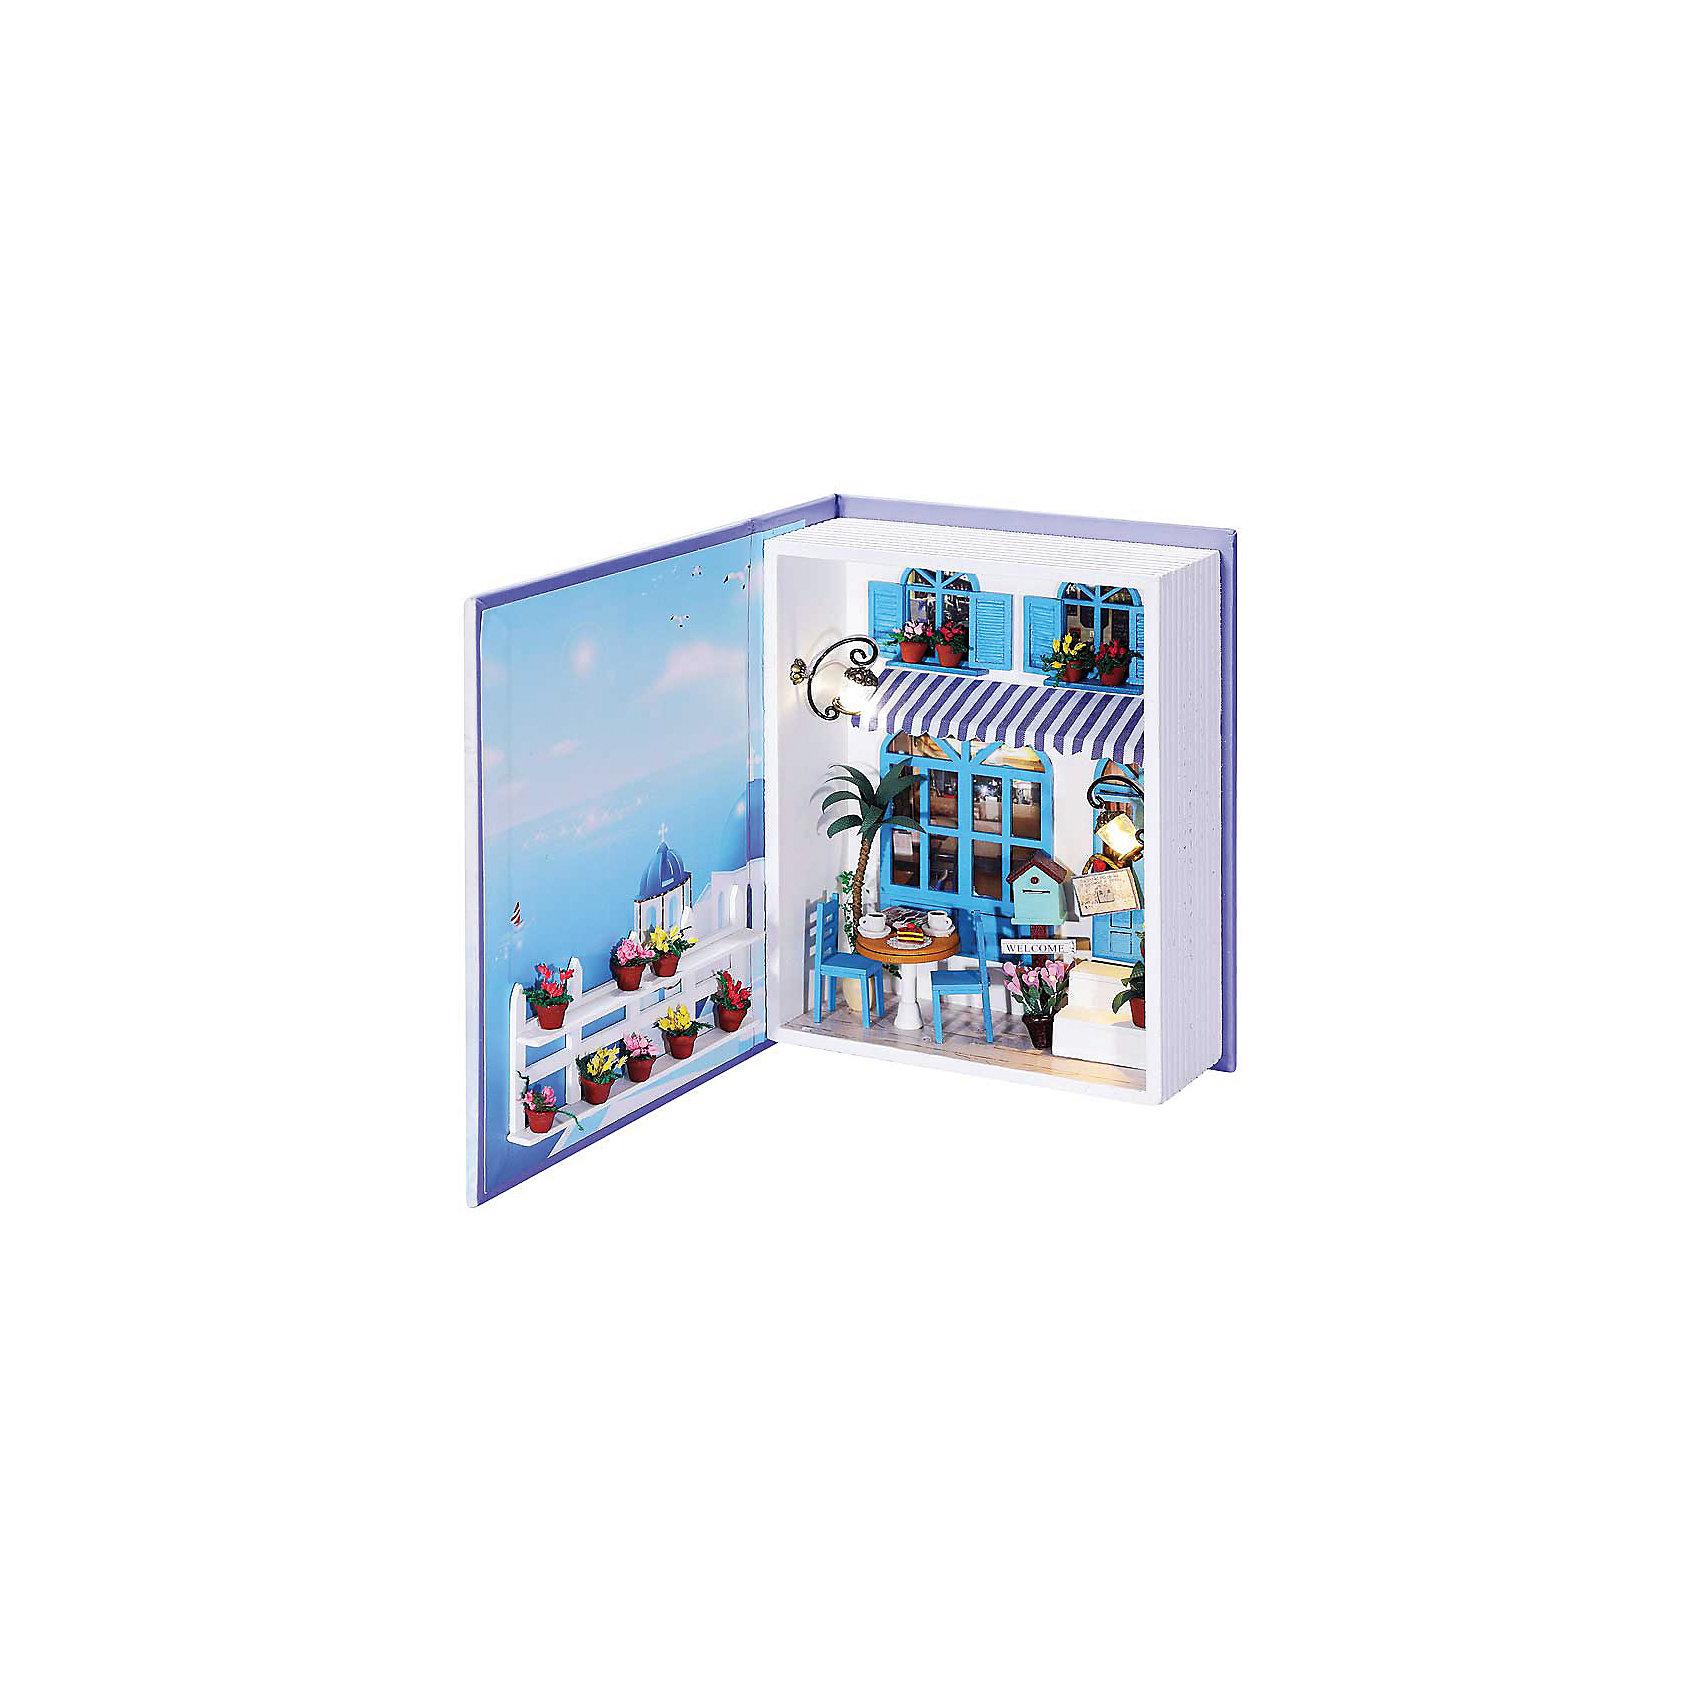 Набор для создания миниатюры Кафе в СанториниНабор для создания миниатюры Кафе в Санторини, Белоснежка.<br><br>Характеристики:<br><br>• содержит всё необходимое для создания миниатюры <br>• оригинальный дизайн: книжка-коробочка<br>• в комплекте: основа для миниатюры, клей, ножницы, пинцет, детали интерьера, диодное освещение, пошаговая инструкция. <br>• размер: 15х6х20 см<br><br>Скрапбукинг - интересное и увлекательное занятие. Вы можете создавать красивые детали для украшения интерьера своими руками. Набор Кафе в Санторини содержит всё необходимое для творчества: элементы декора, мебель и даже фонарик никого не оставят равнодушными. Удобные инструменты и пошаговая инструкция помогут не ошибиться в процессе творчества. Все детали разложены в отдельные пакеты. Готовую книгу можно хранить как в открытом, так и в закрытом виде. Готовую миниатюру можно преподнести в подарок или украсить ею свой комнату.<br><br>Набор для создания миниатюры Кафе в Санторини вы можете купить в нашем интернет-магазине.<br><br>Ширина мм: 200<br>Глубина мм: 150<br>Высота мм: 60<br>Вес г: 623<br>Возраст от месяцев: 72<br>Возраст до месяцев: 144<br>Пол: Женский<br>Возраст: Детский<br>SKU: 5089785